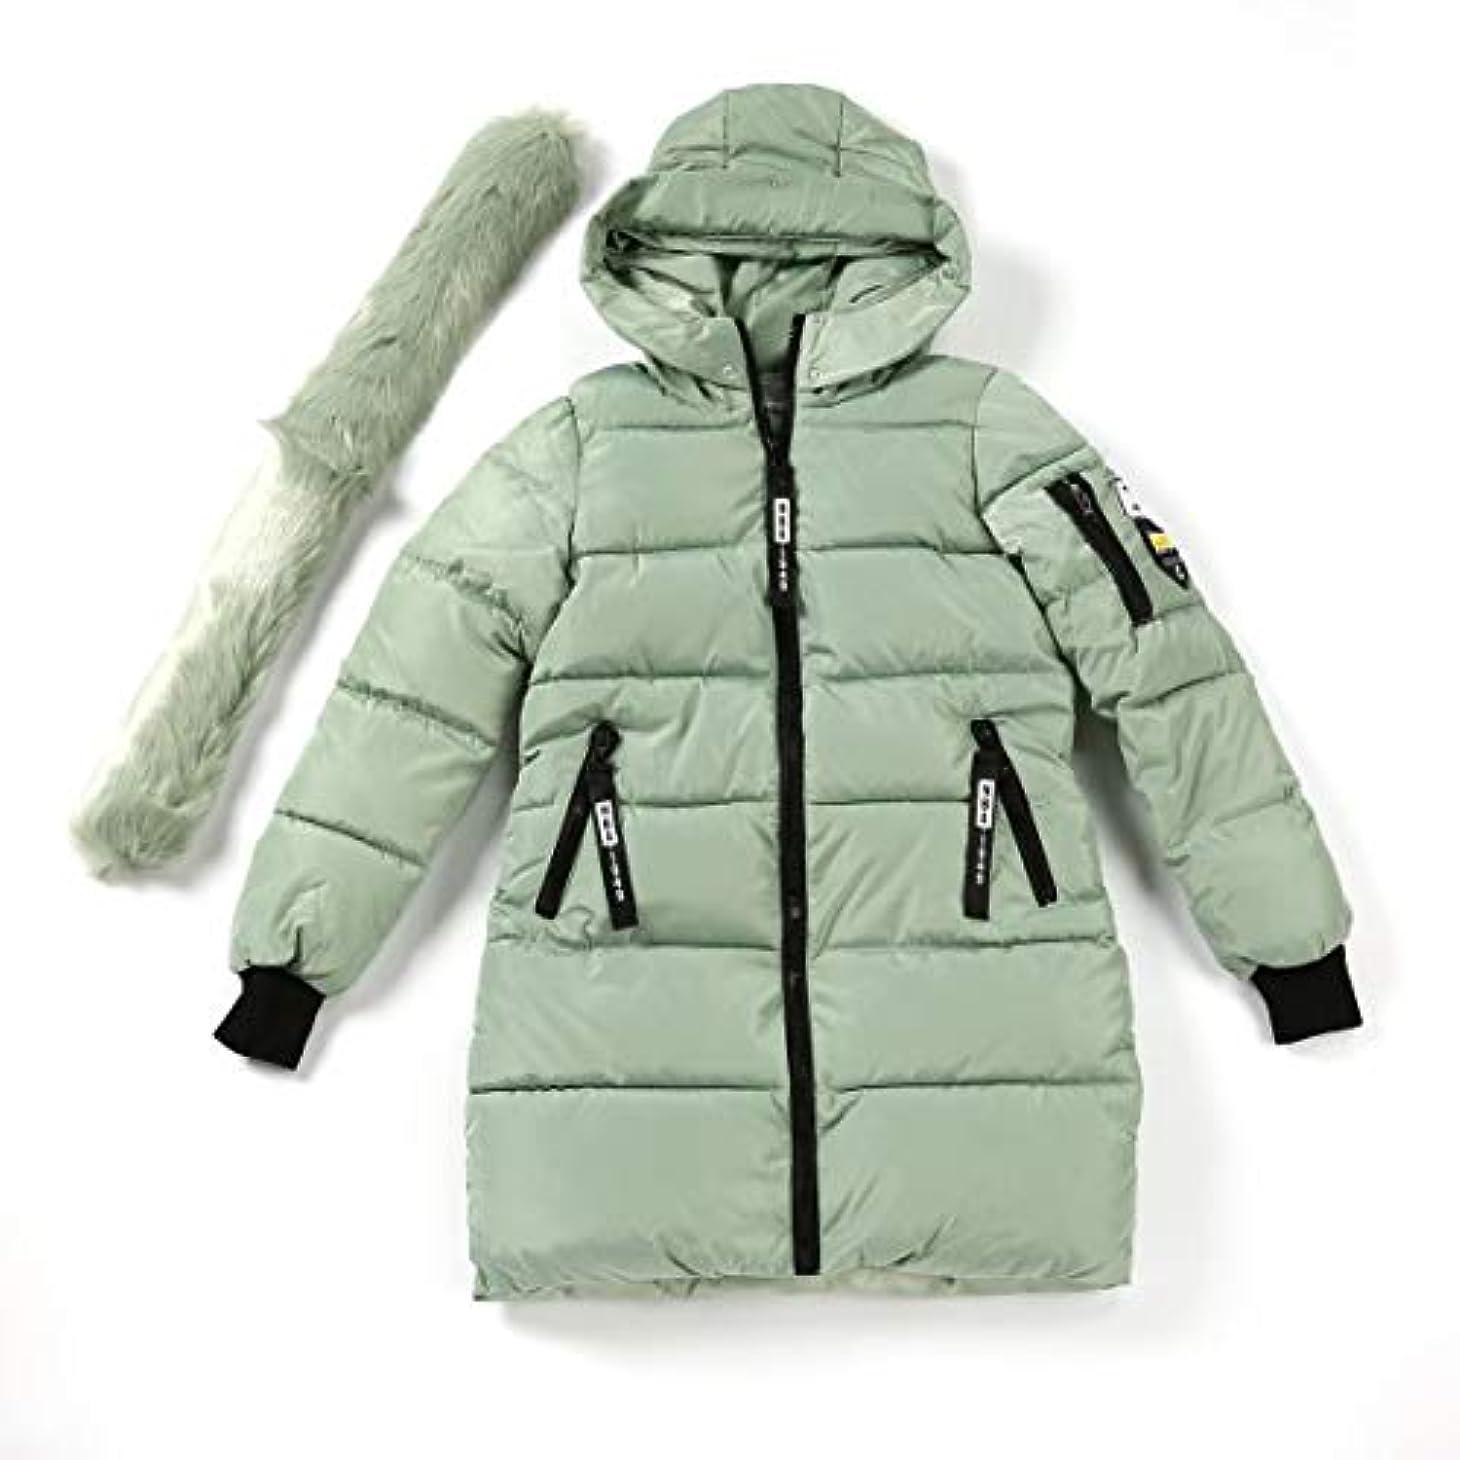 評決起きる特徴づける韓国スタイルの女性のコートのファッションのすべての一致フード付きダウンジャケット綿パッド入りの厚く暖かいコート中間の長い冬生き抜くコート-ライトグリーンXl